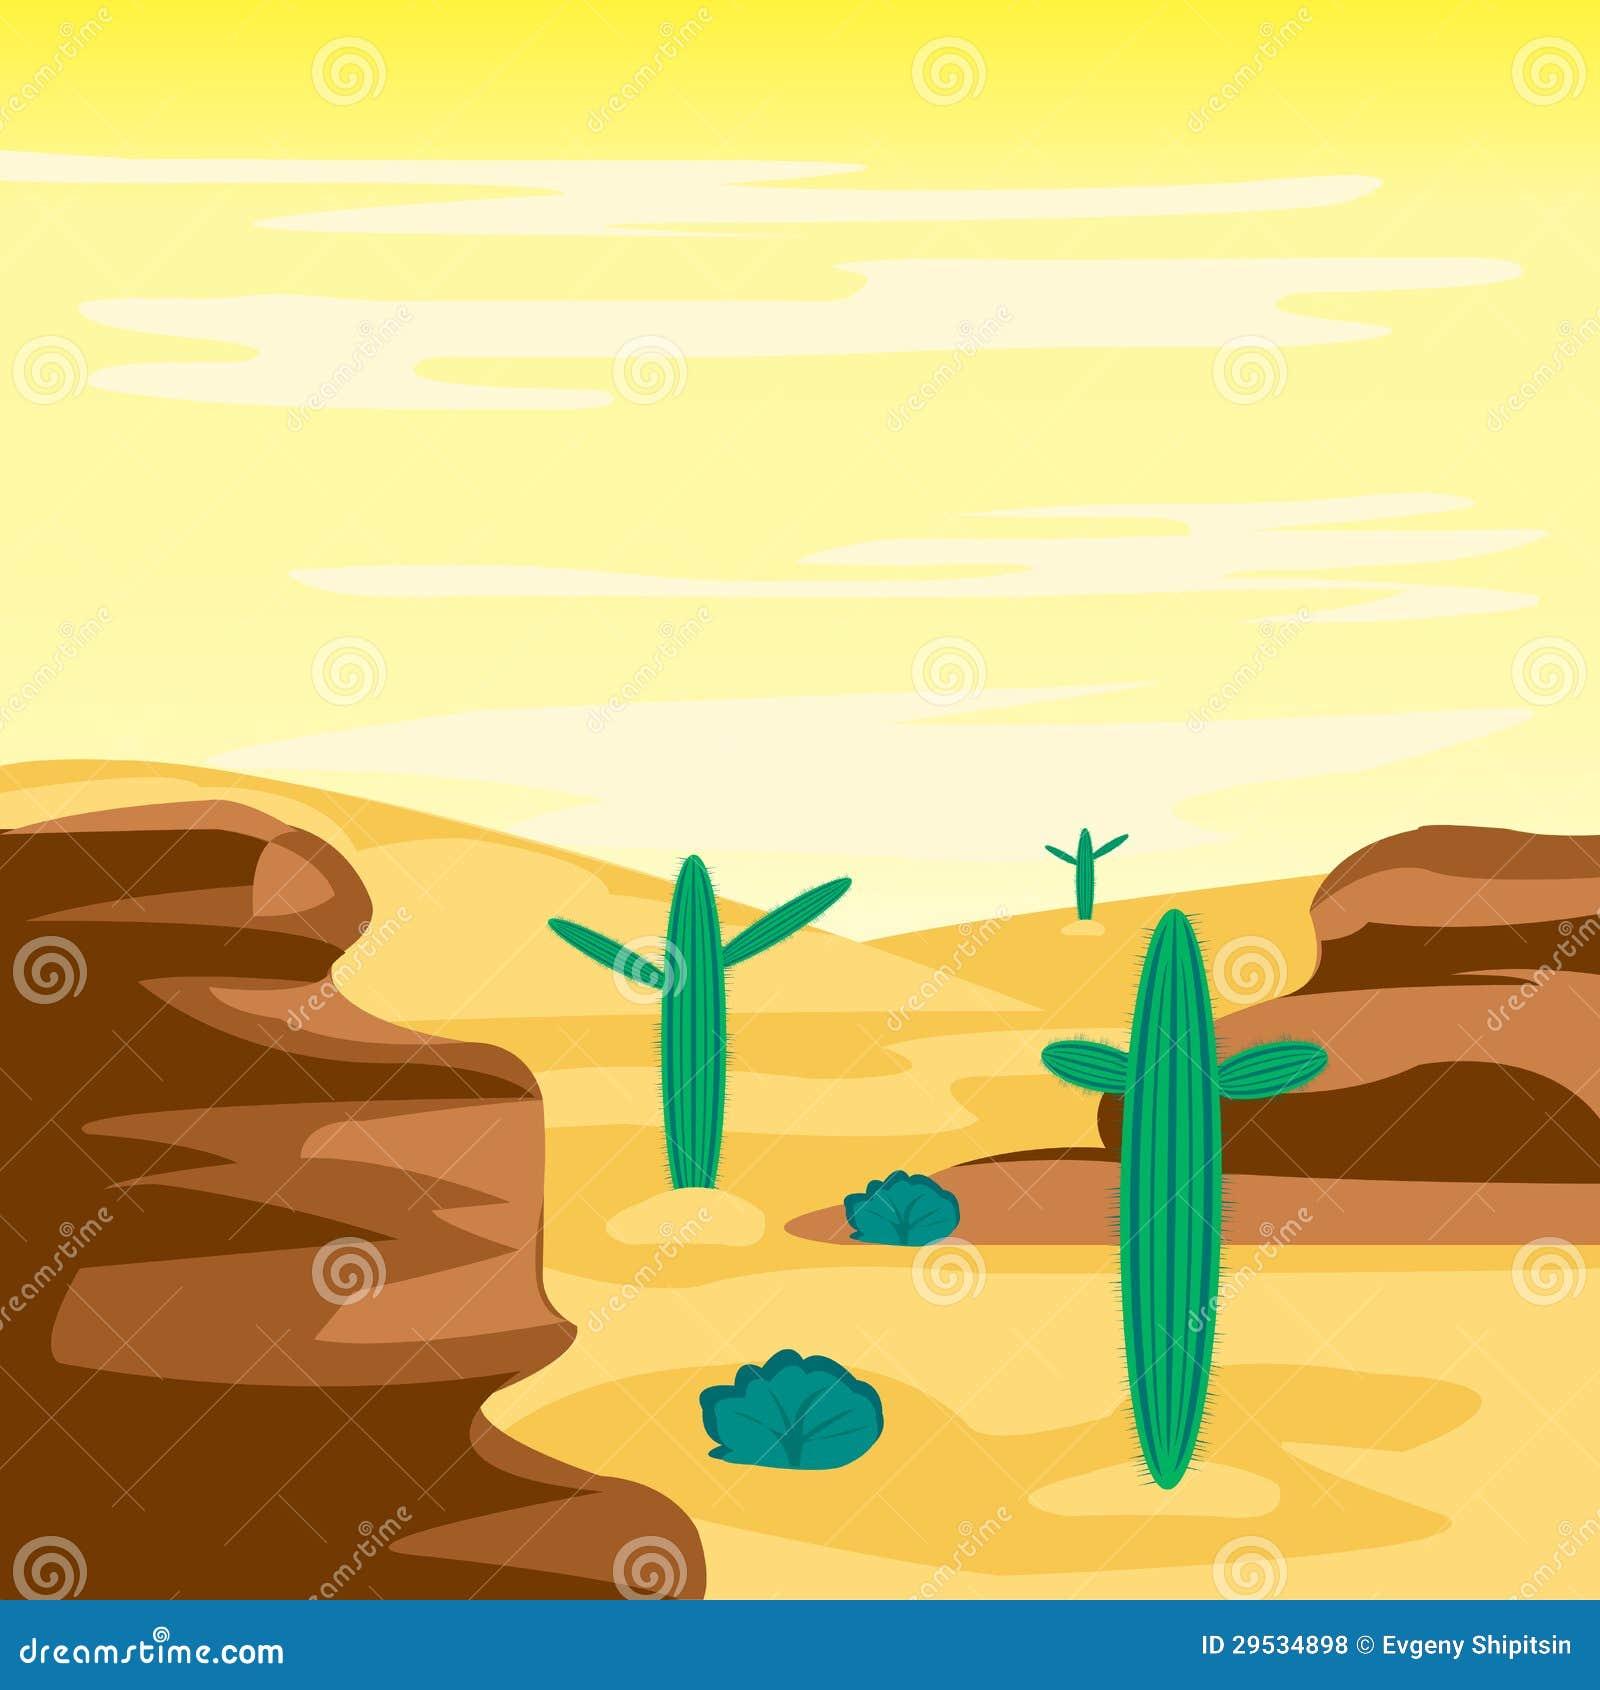 Deserto e cactos